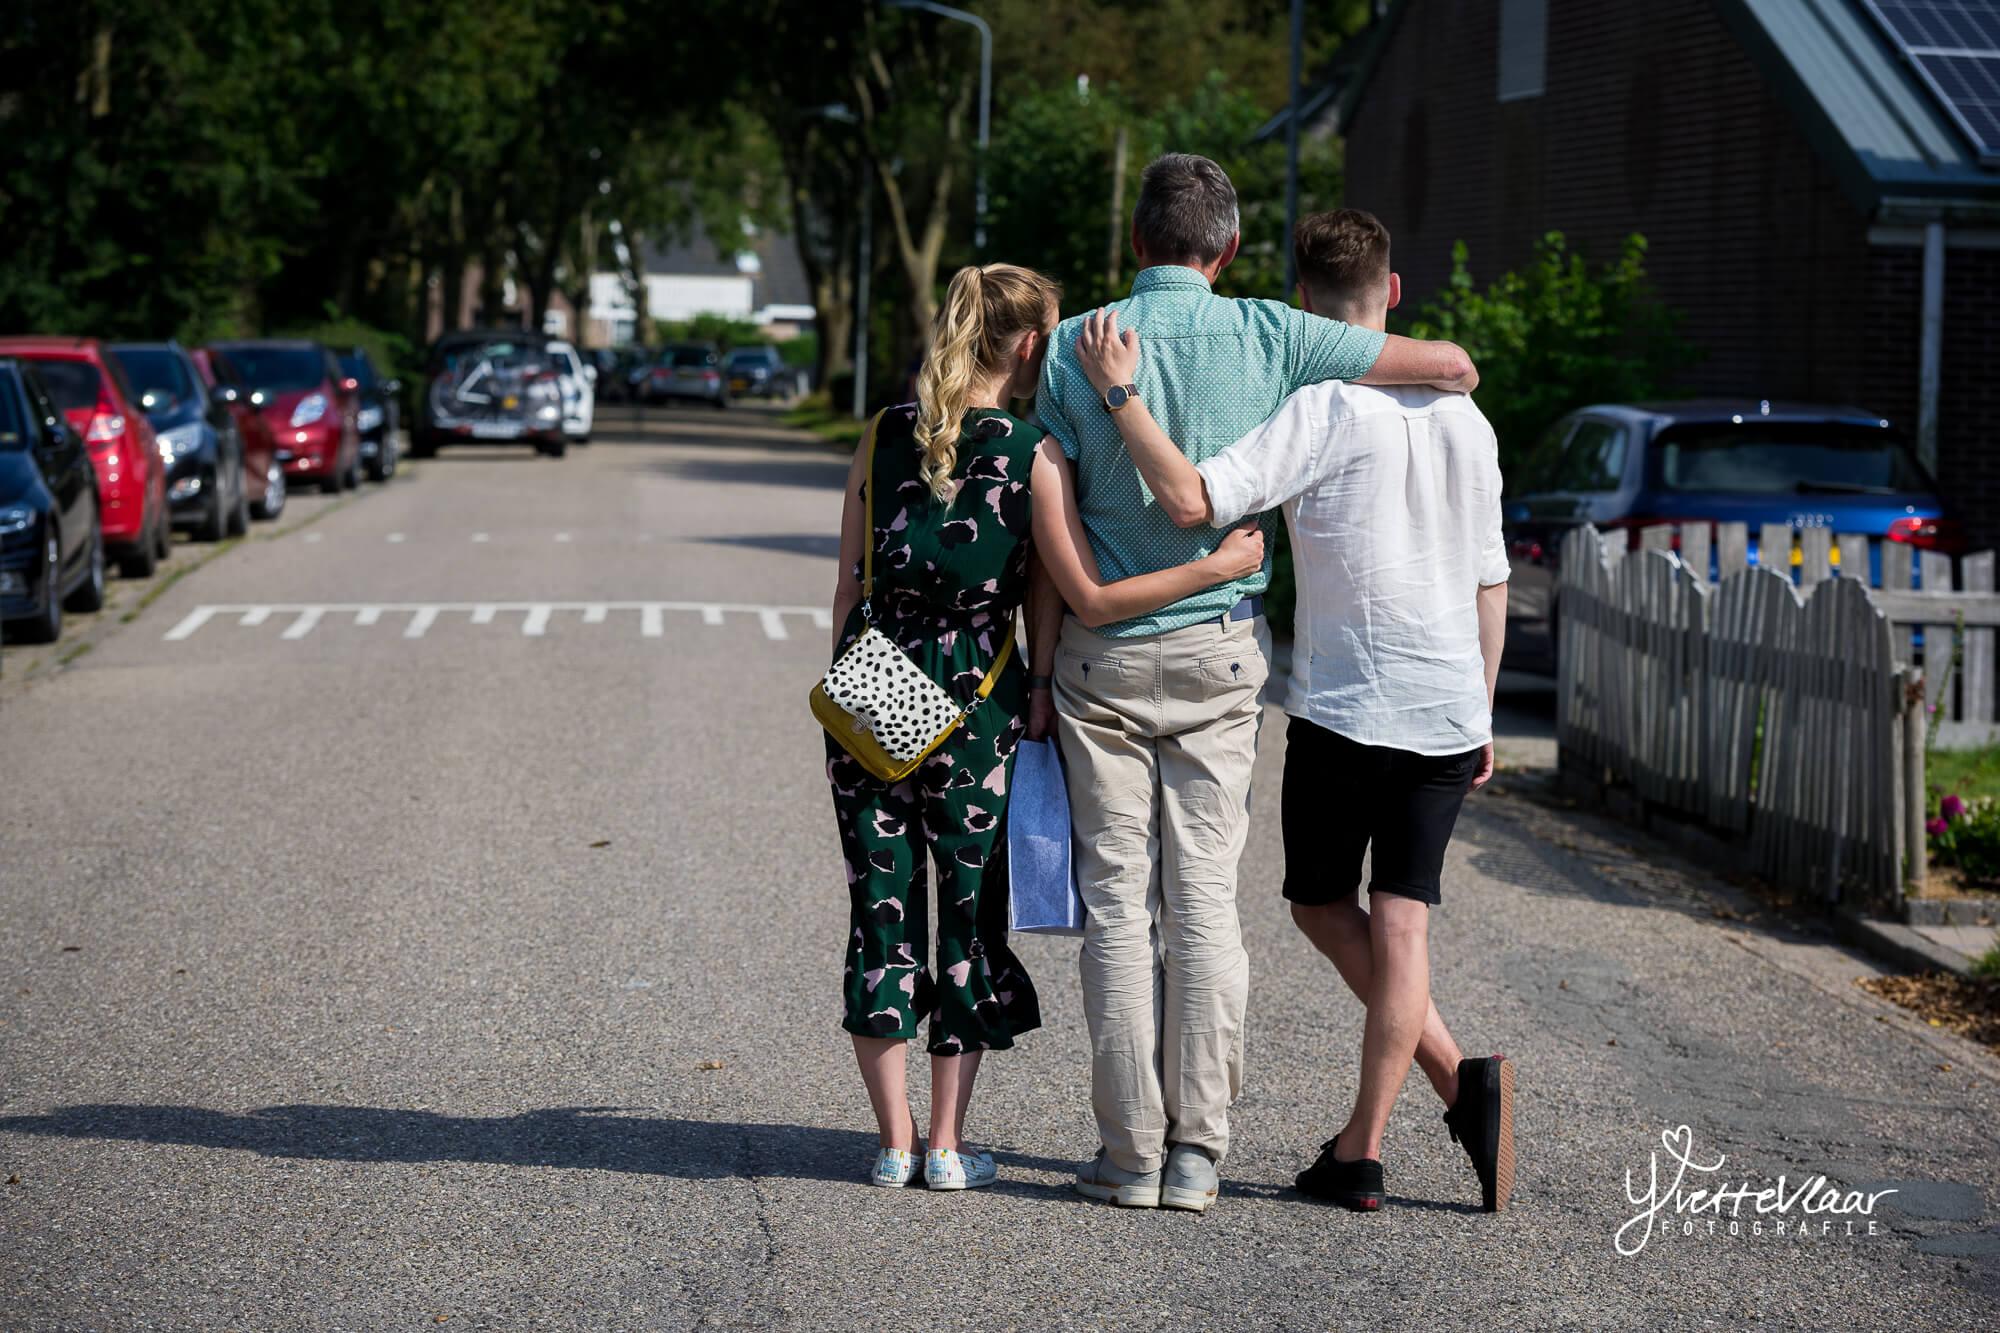 Vlaar-uitvaartfotografie-afscheidsreportage-Noordholland-019